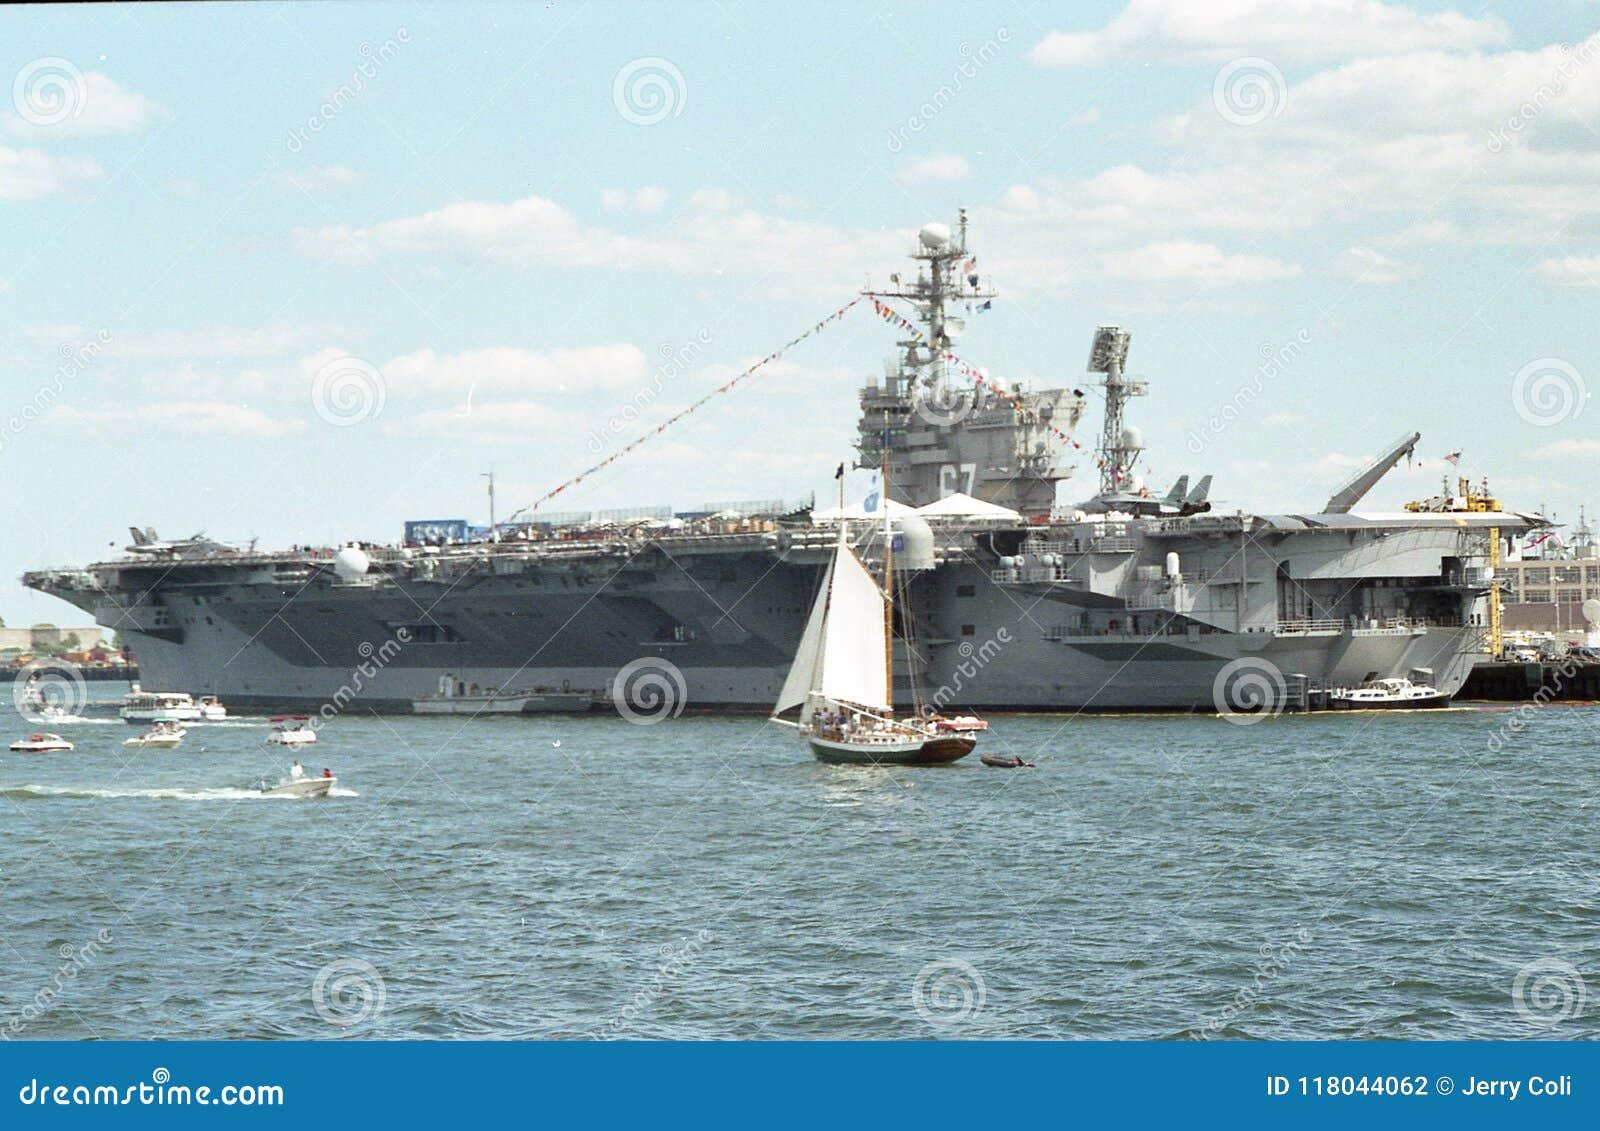 uss john f kennedy cv 67 aircraft carrier editorial photography